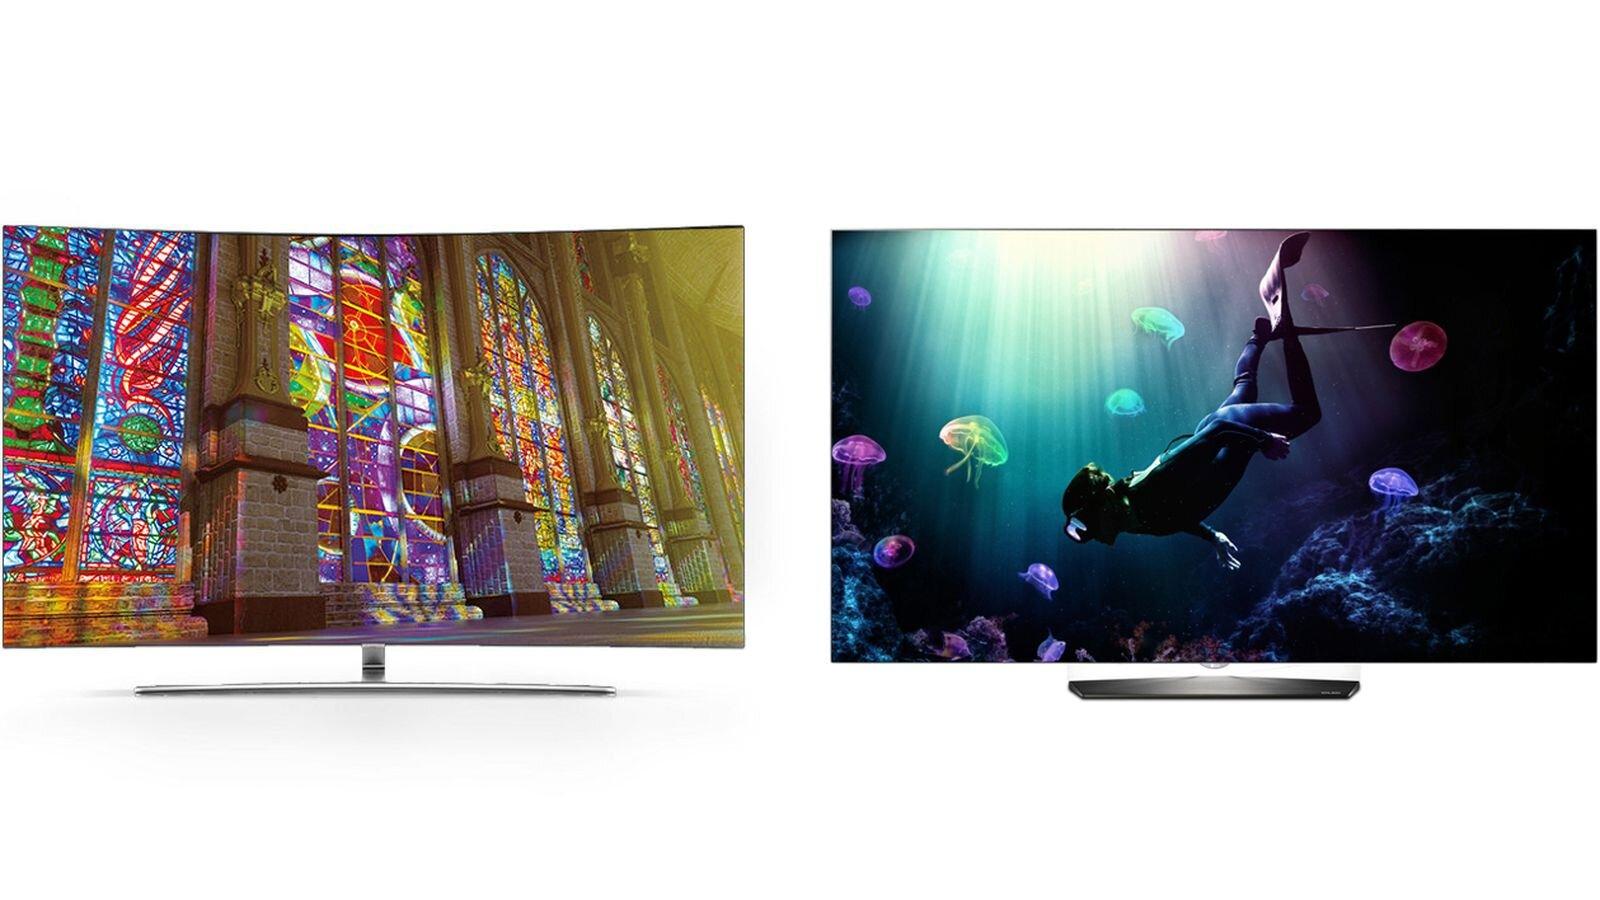 Tivi màn hình phẳng hay màn hình LED, OLED là điều nên cân nhắc